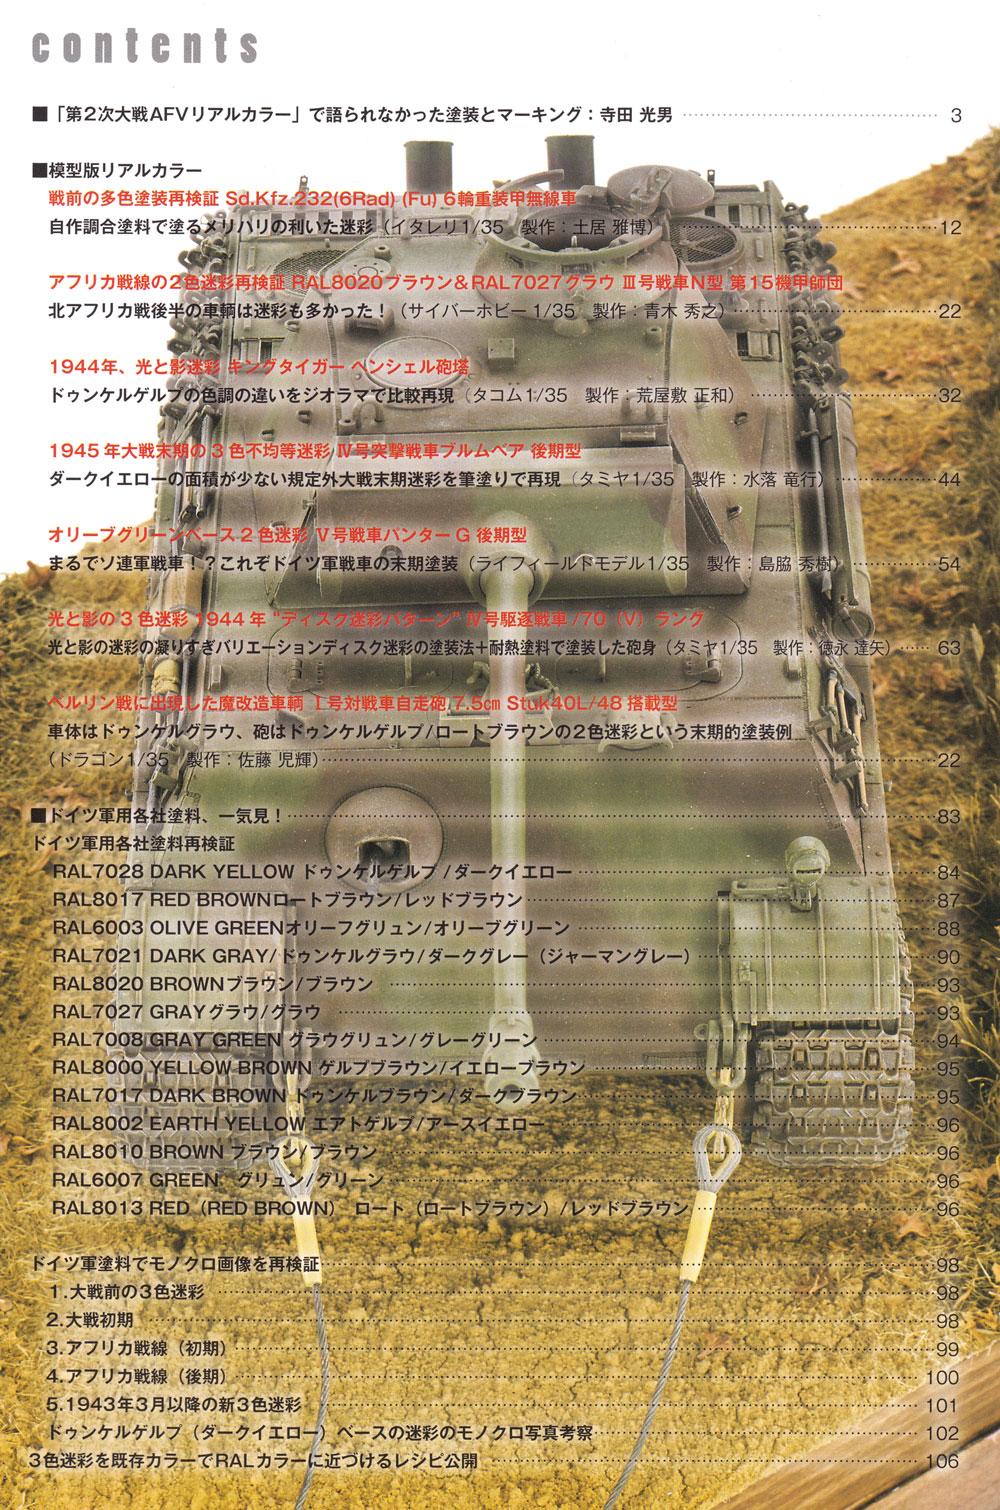 AFV塗装再検証 1 WW2 ドイツ 第2次大戦 AFVリアルカラー 応用編本(モデルアート臨時増刊No.993)商品画像_1